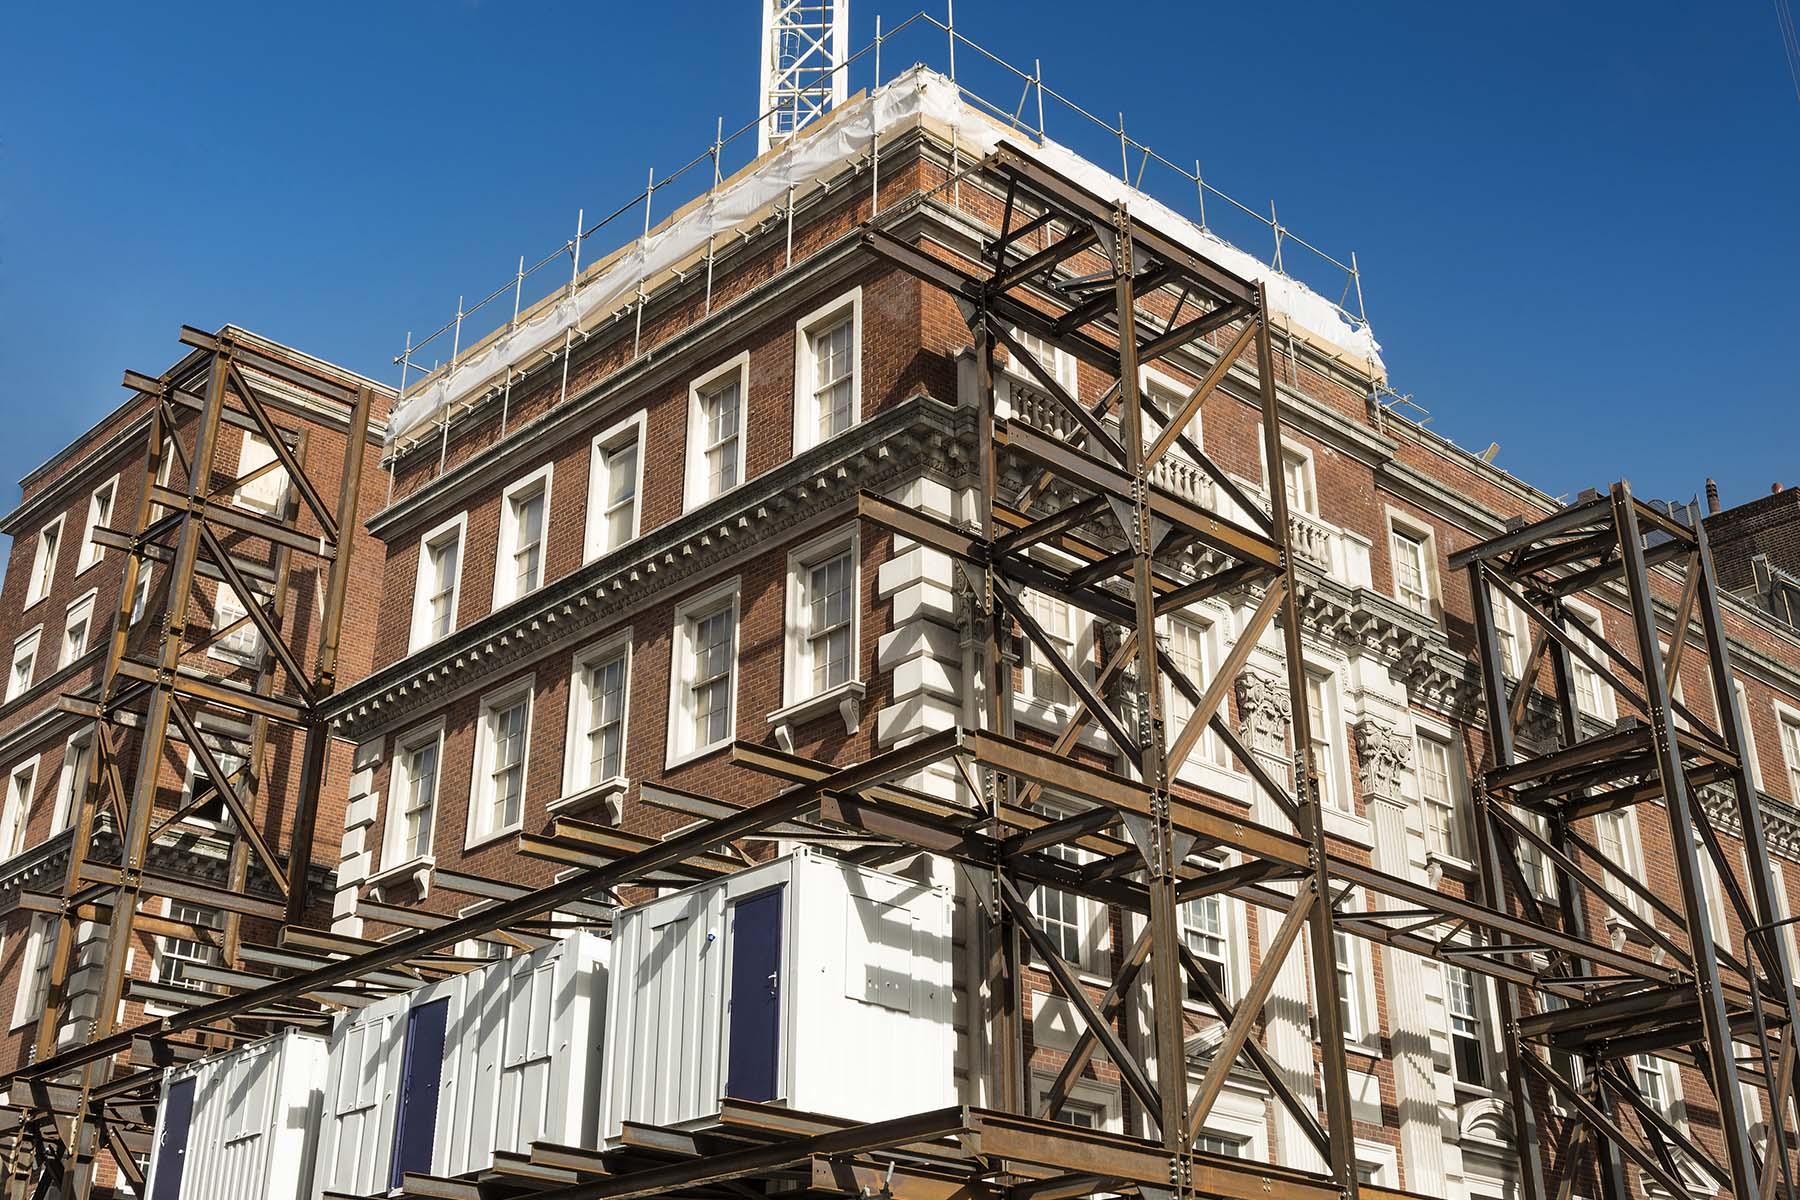 Houses For Renovation In Nashville Tn